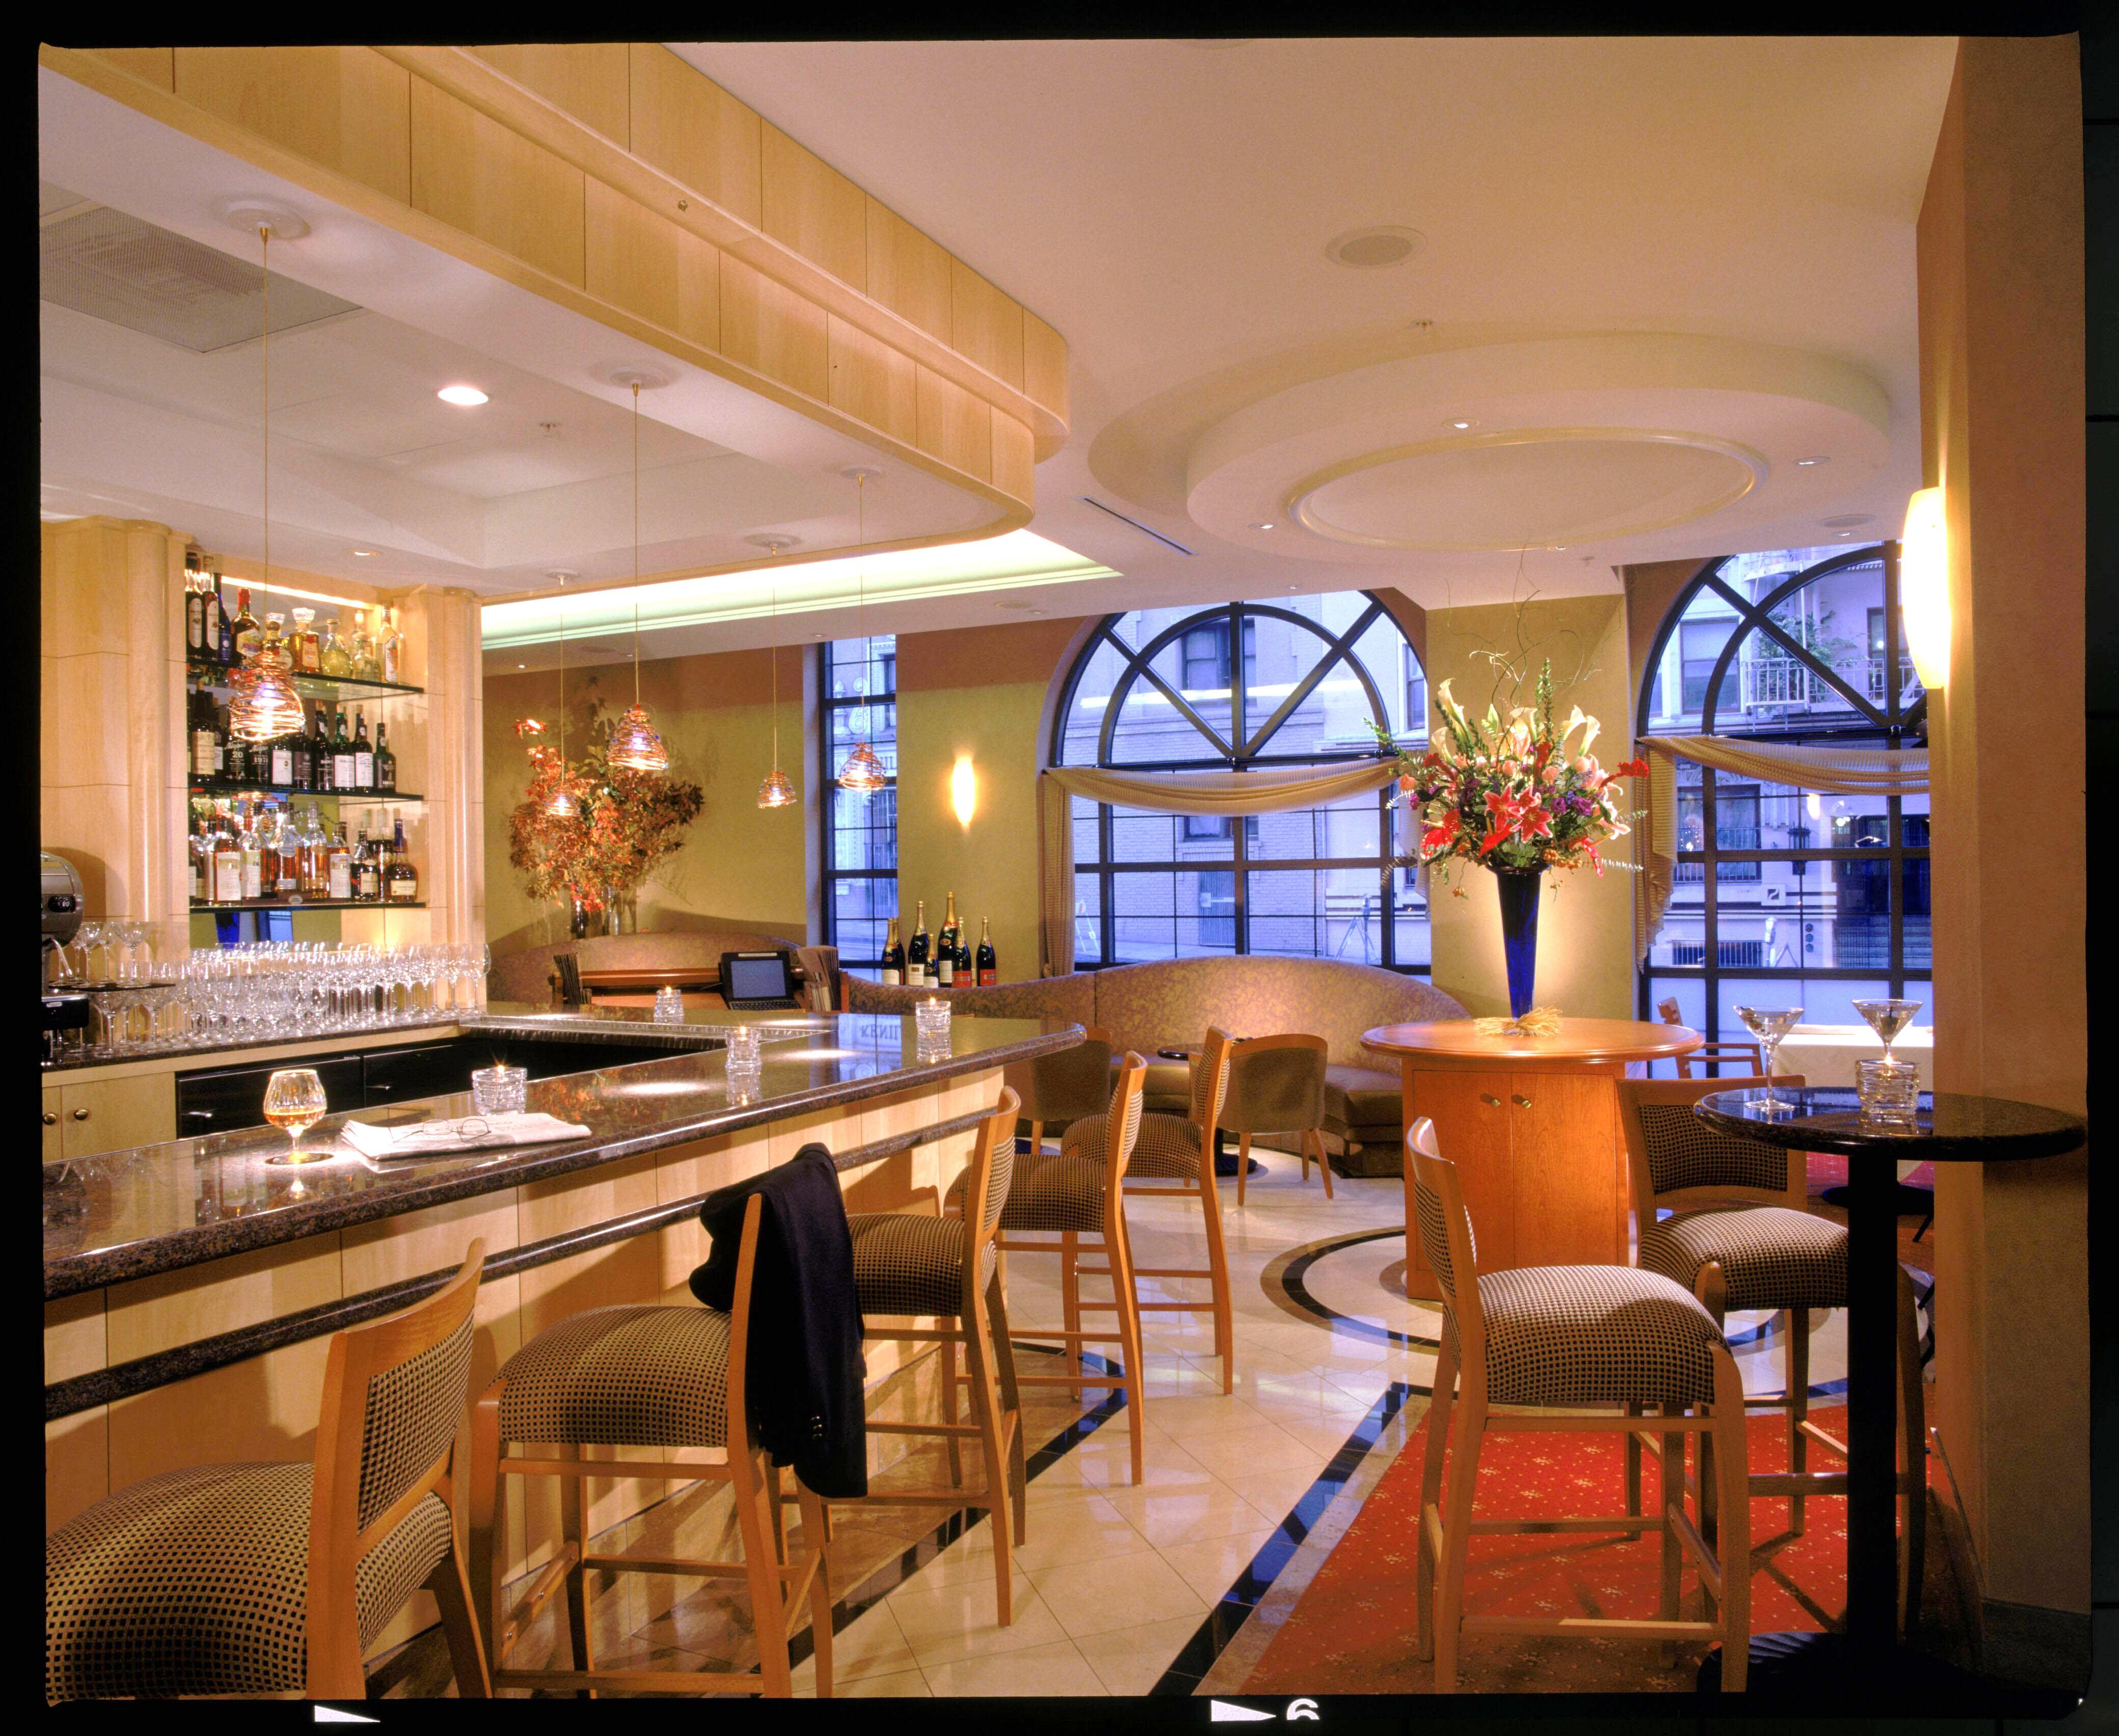 Daffodil restaurant in union square san francisco eases for Bar food union square san francisco